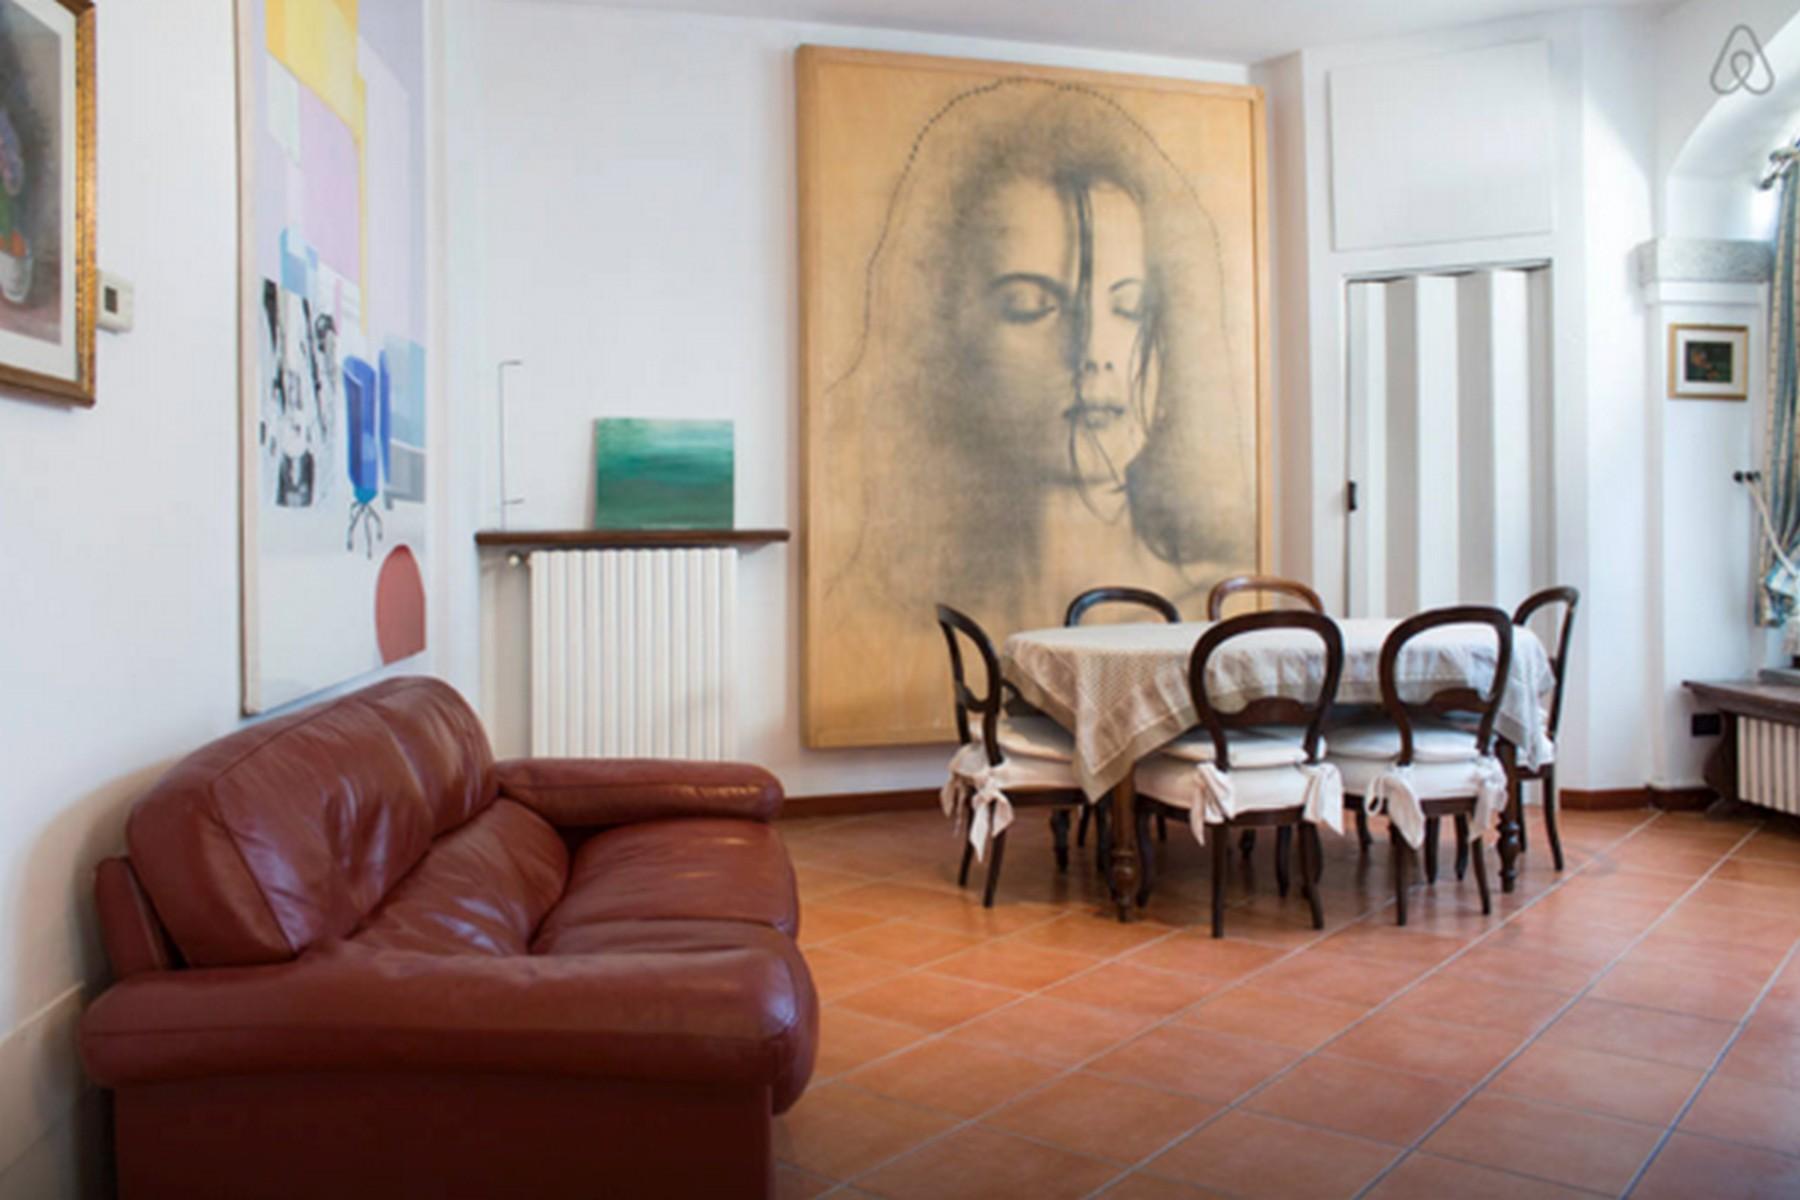 Casa indipendente in Vendita a Como: 5 locali, 180 mq - Foto 4